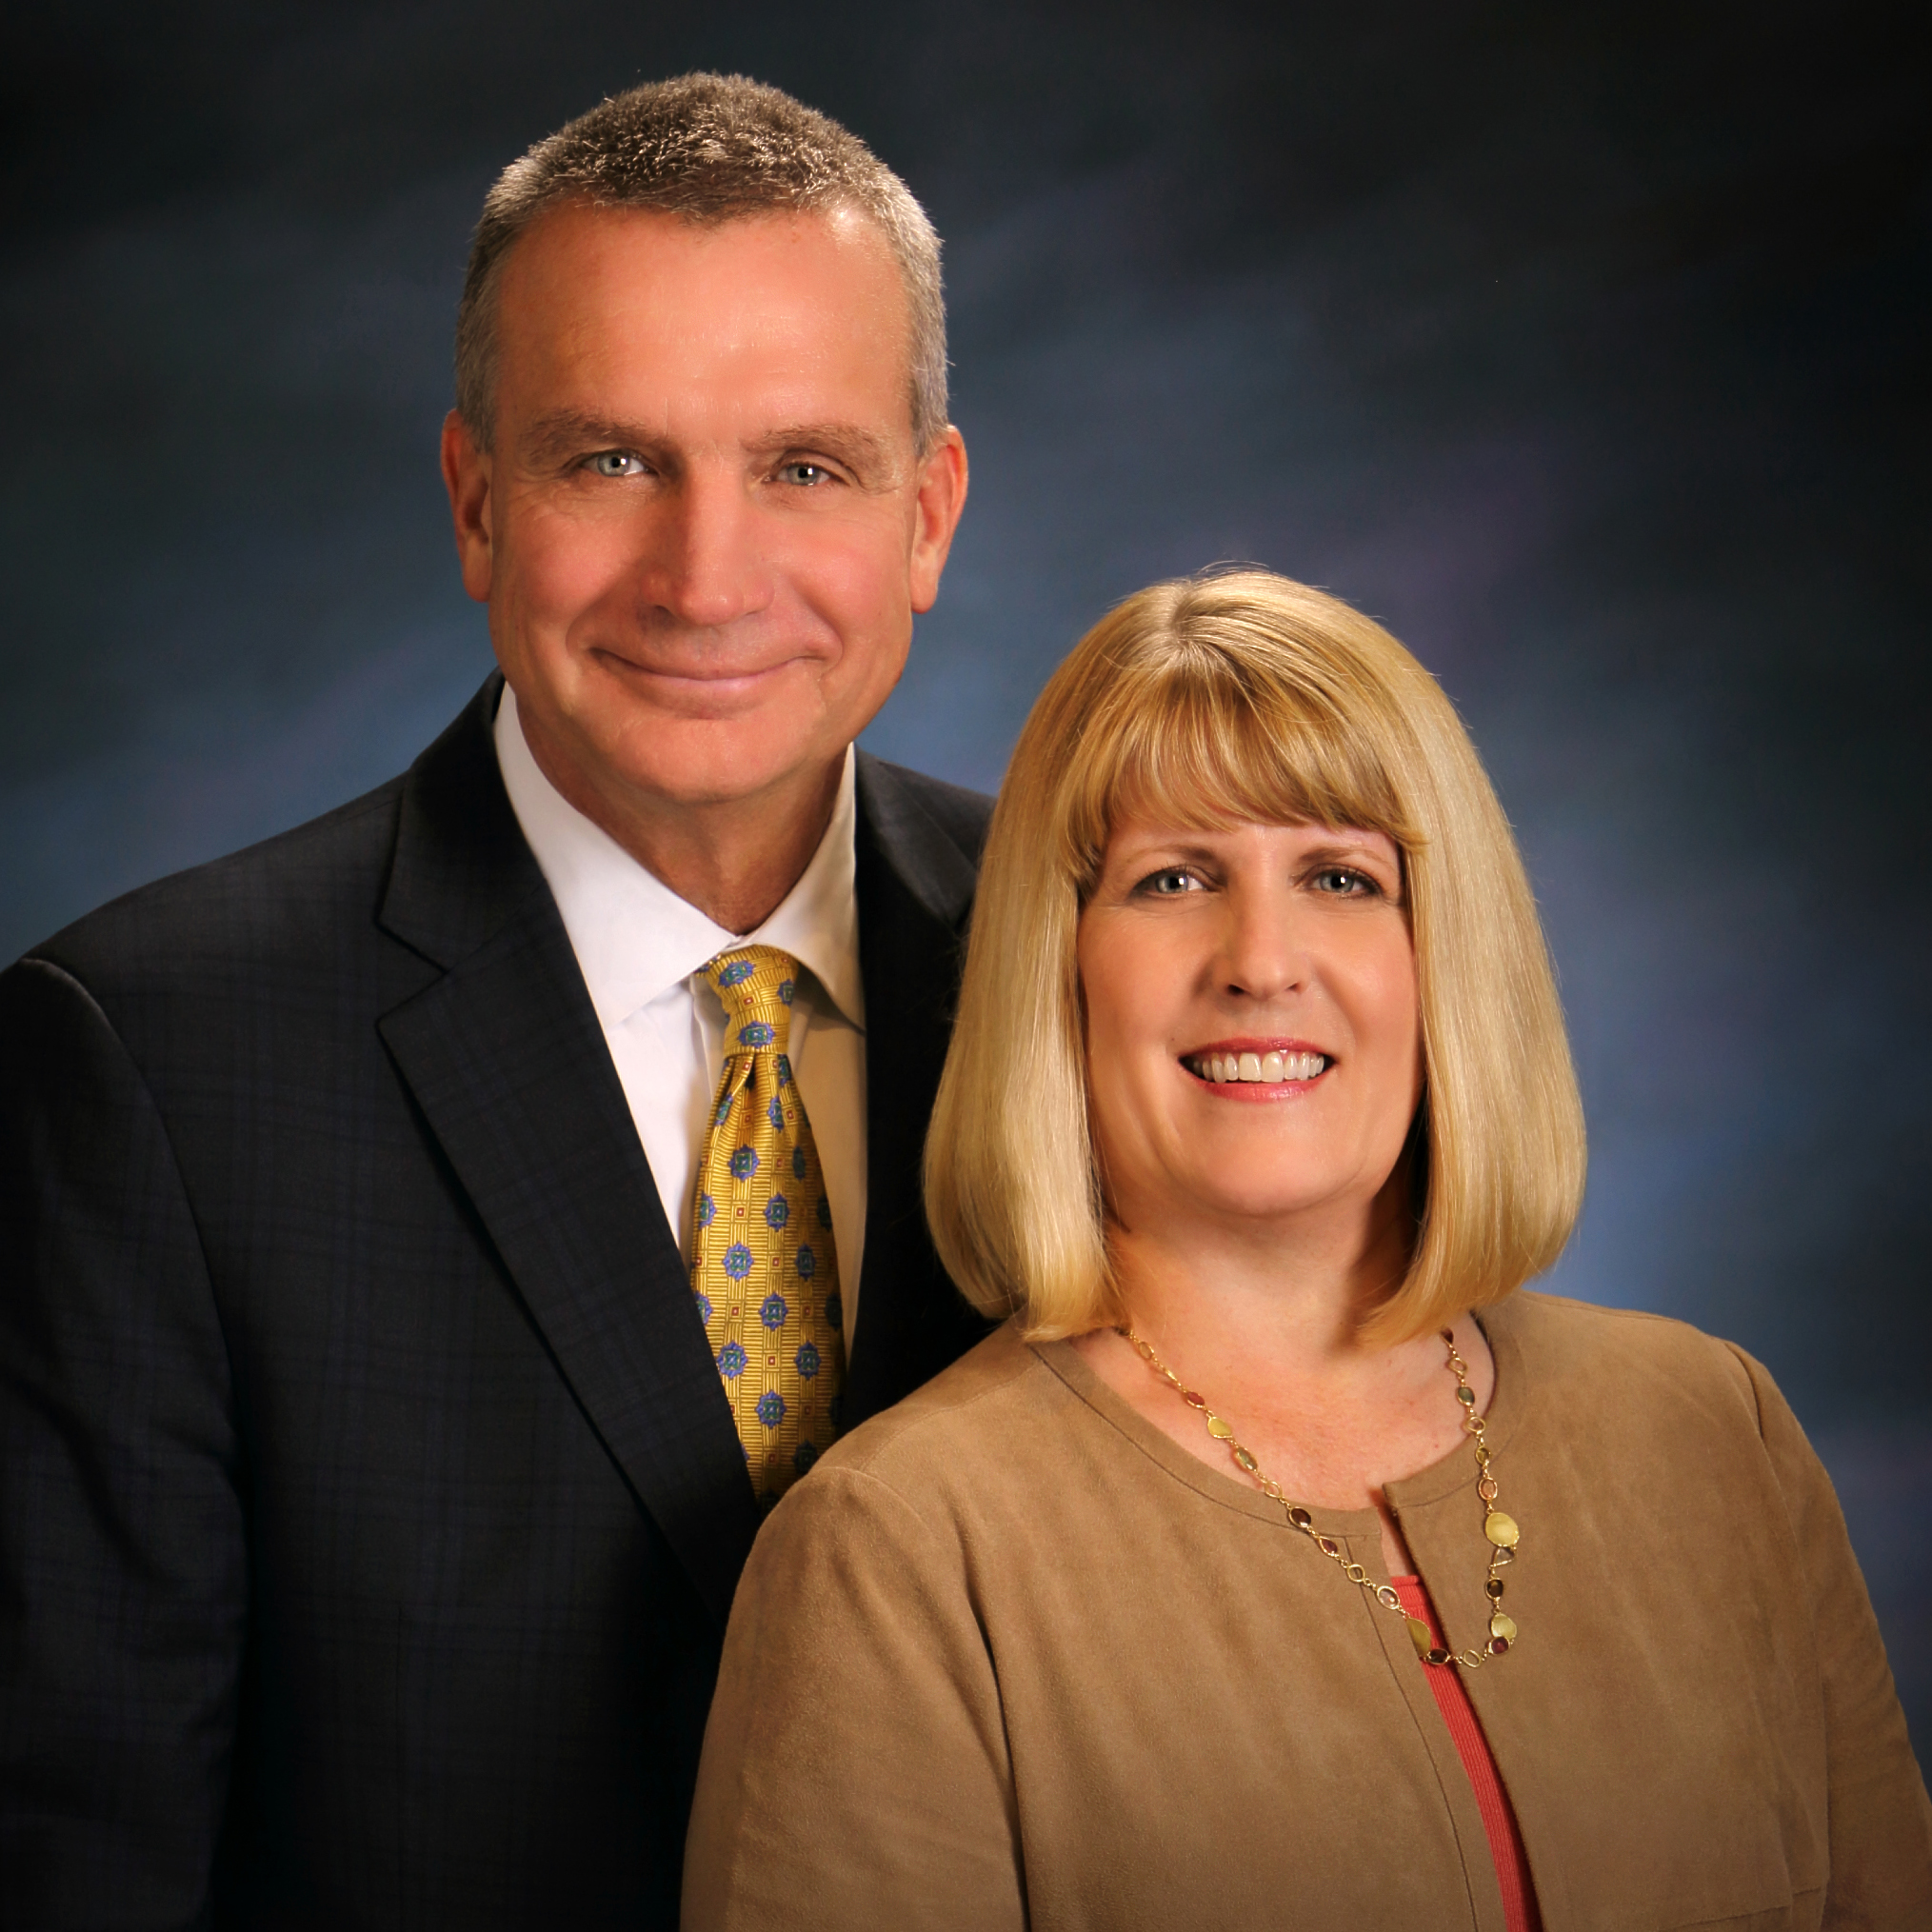 Jeffrey D. and Tina Erekson